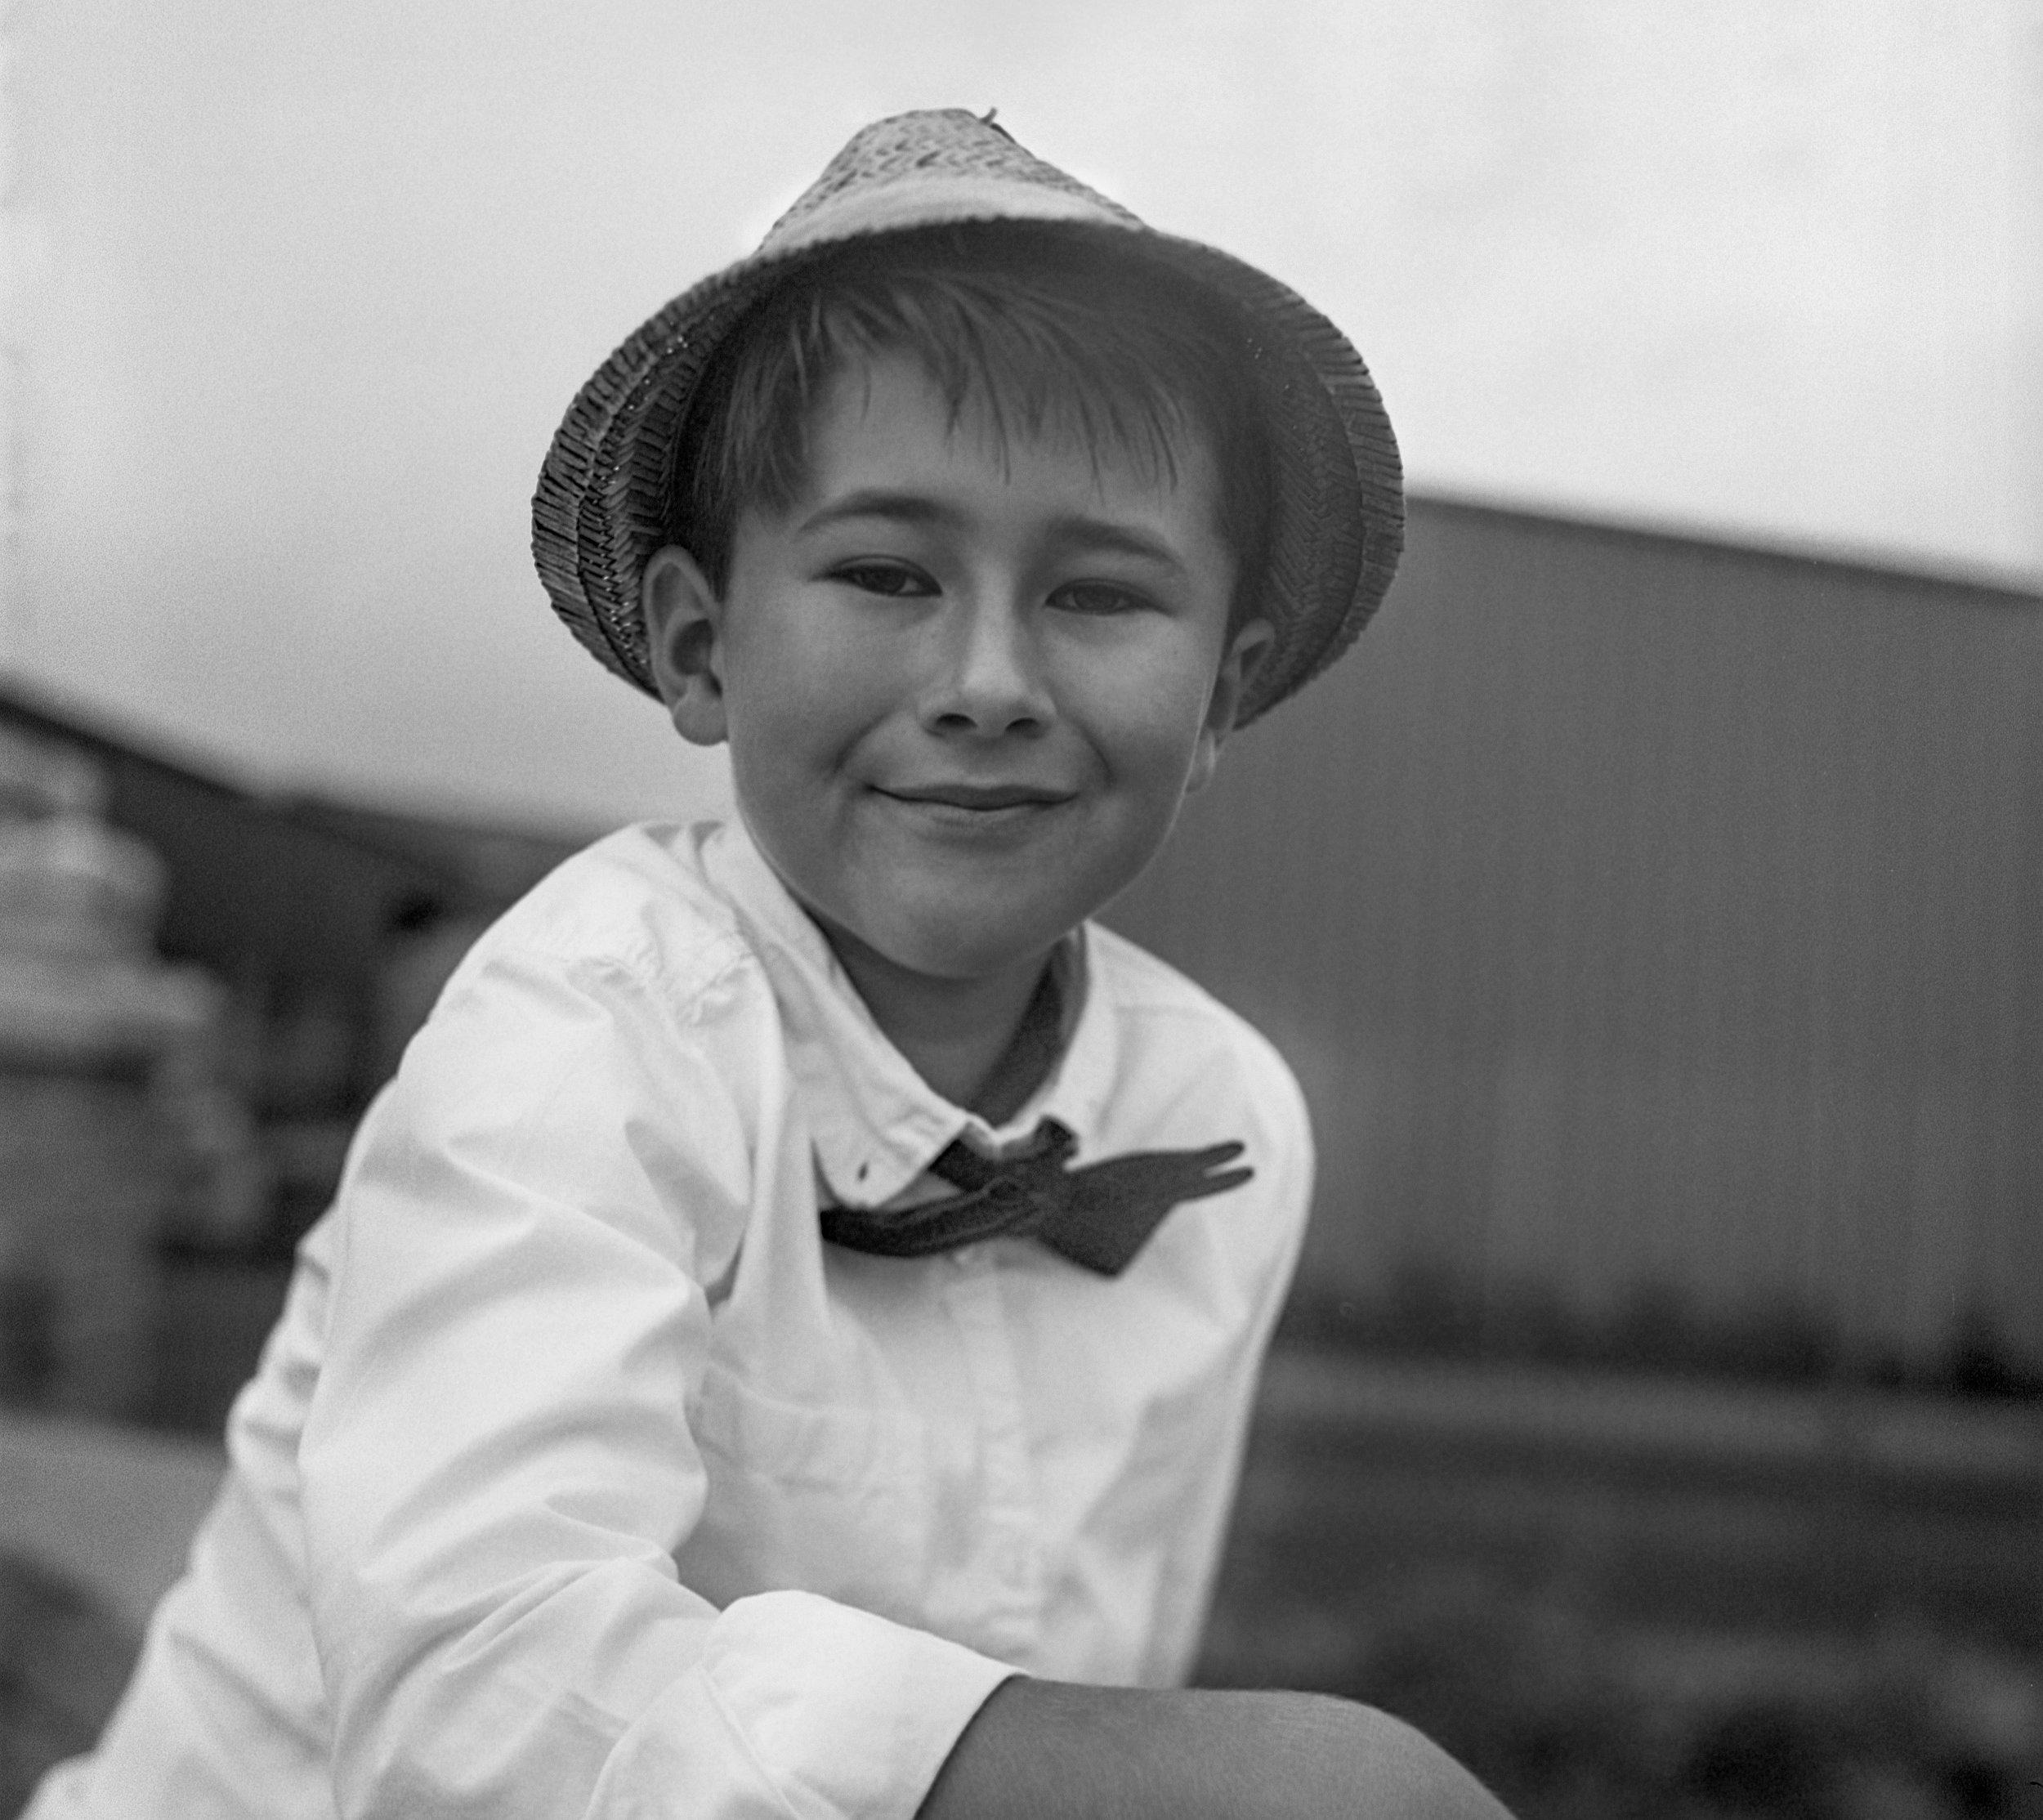 Georg Schmidt Fotograf aus Aschaffenburg Portrait Kinder Film blackandwhite Rolleiflex SL66 Film Kunstvolle Fotografie-mittelformat1.jpg